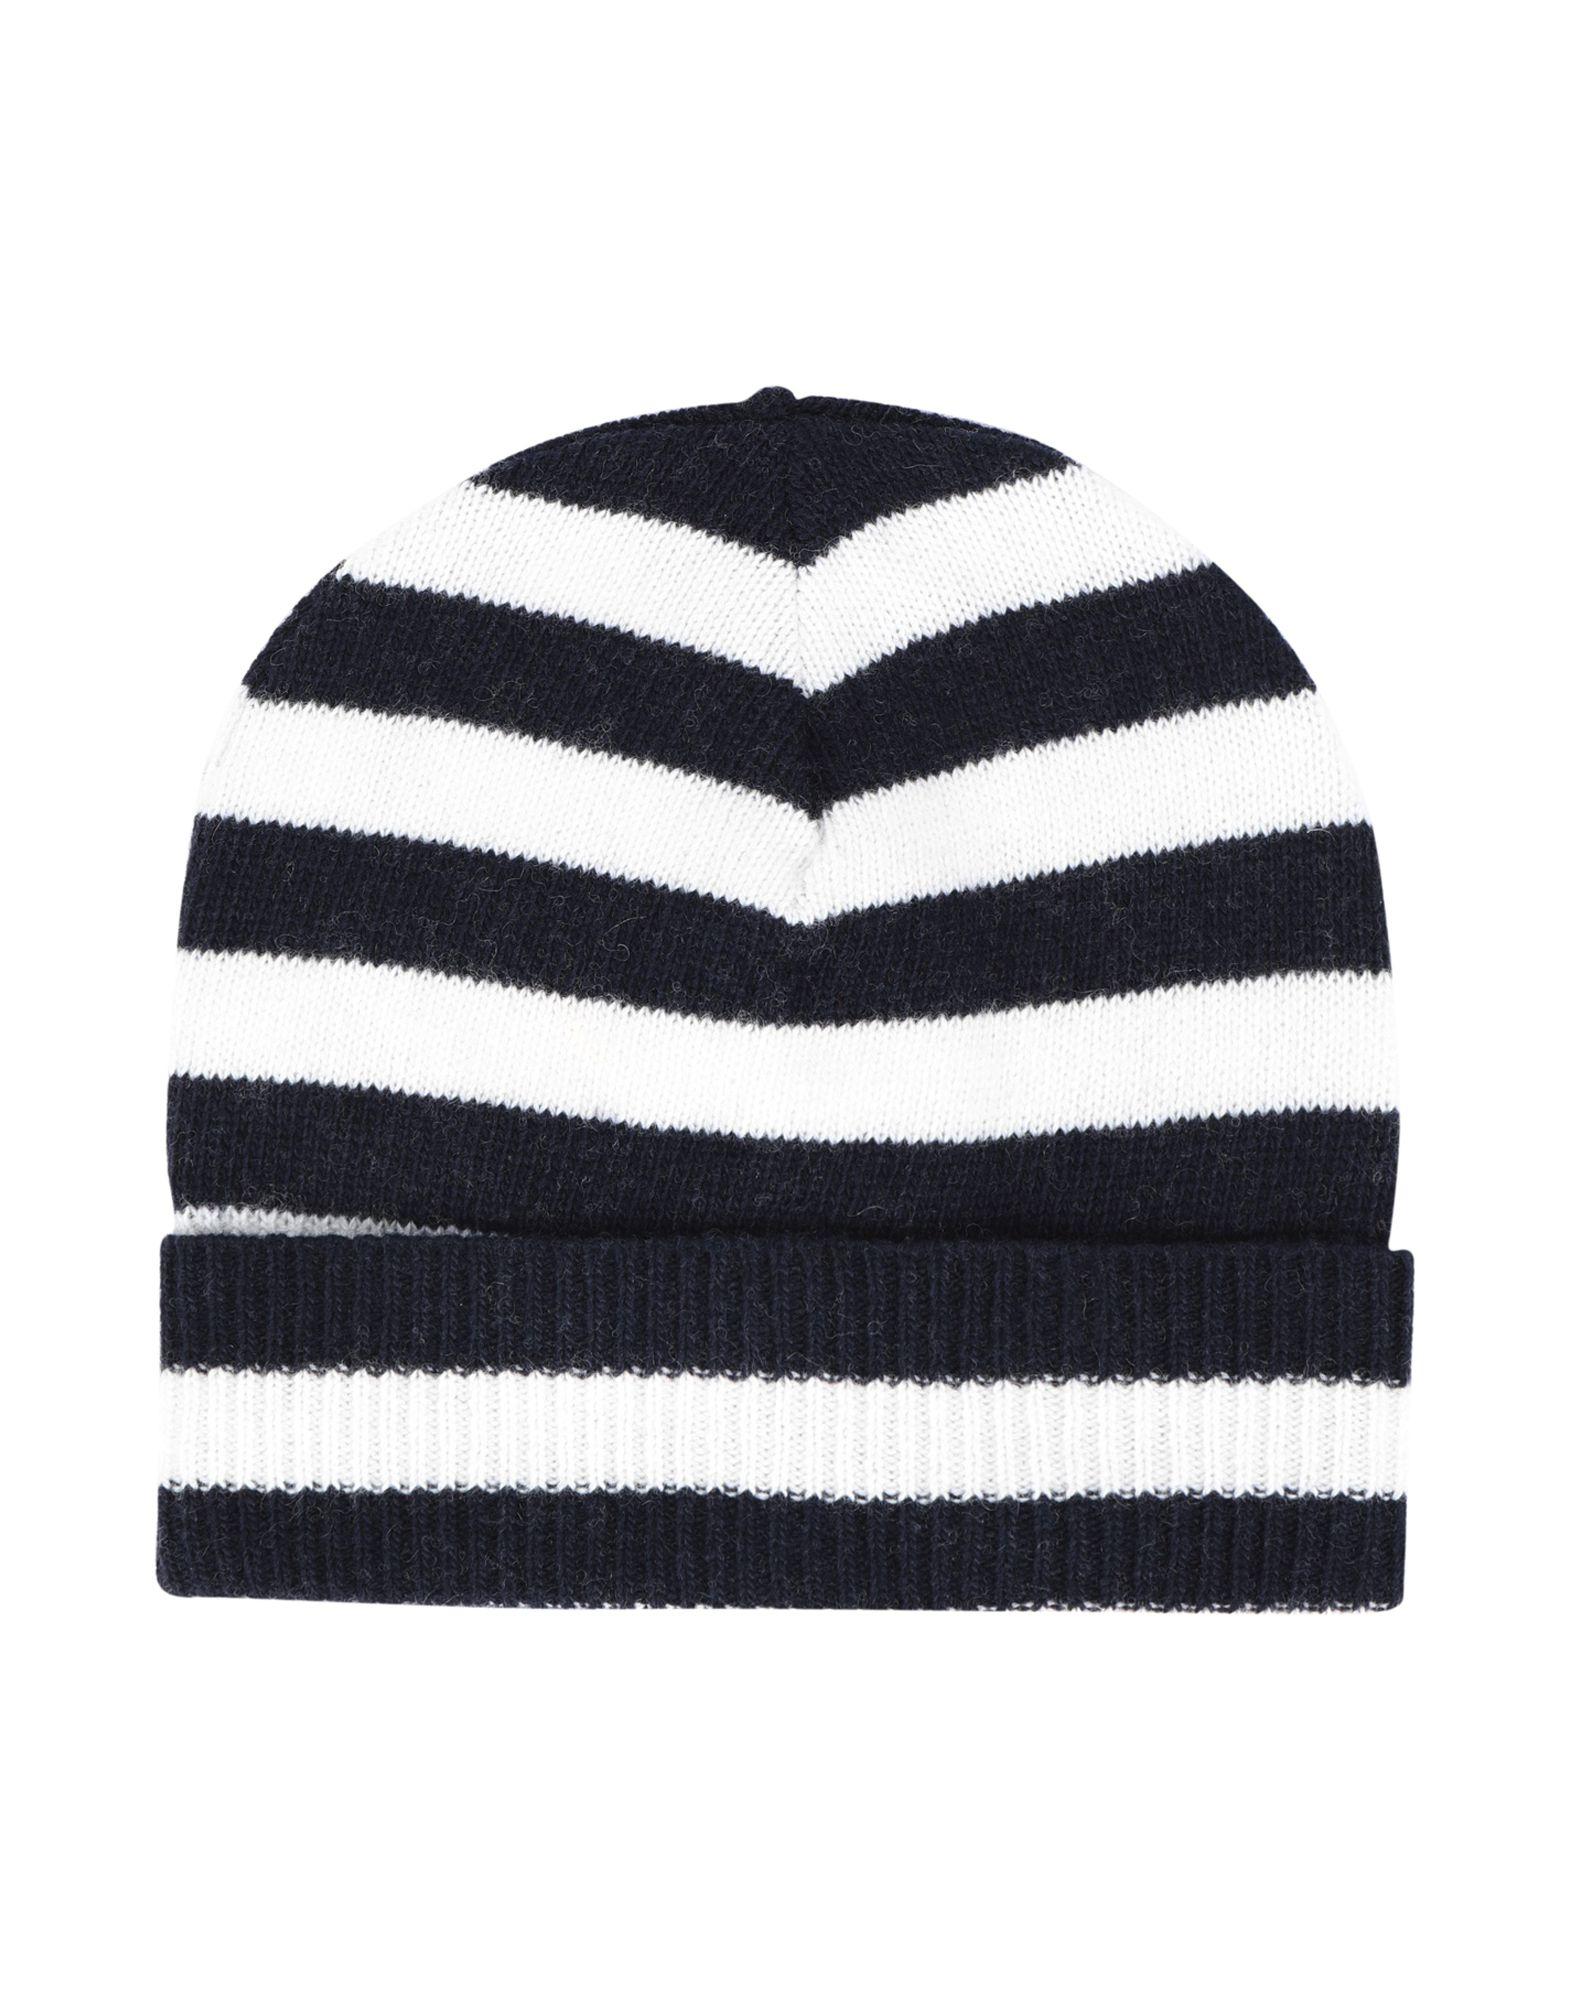 《セール開催中》ESSENTIEL ANTWERP メンズ 帽子 ホワイト one size ナイロン 35% / ウール 30% / レーヨン 30% / カシミヤ 5% LIVERPOOL